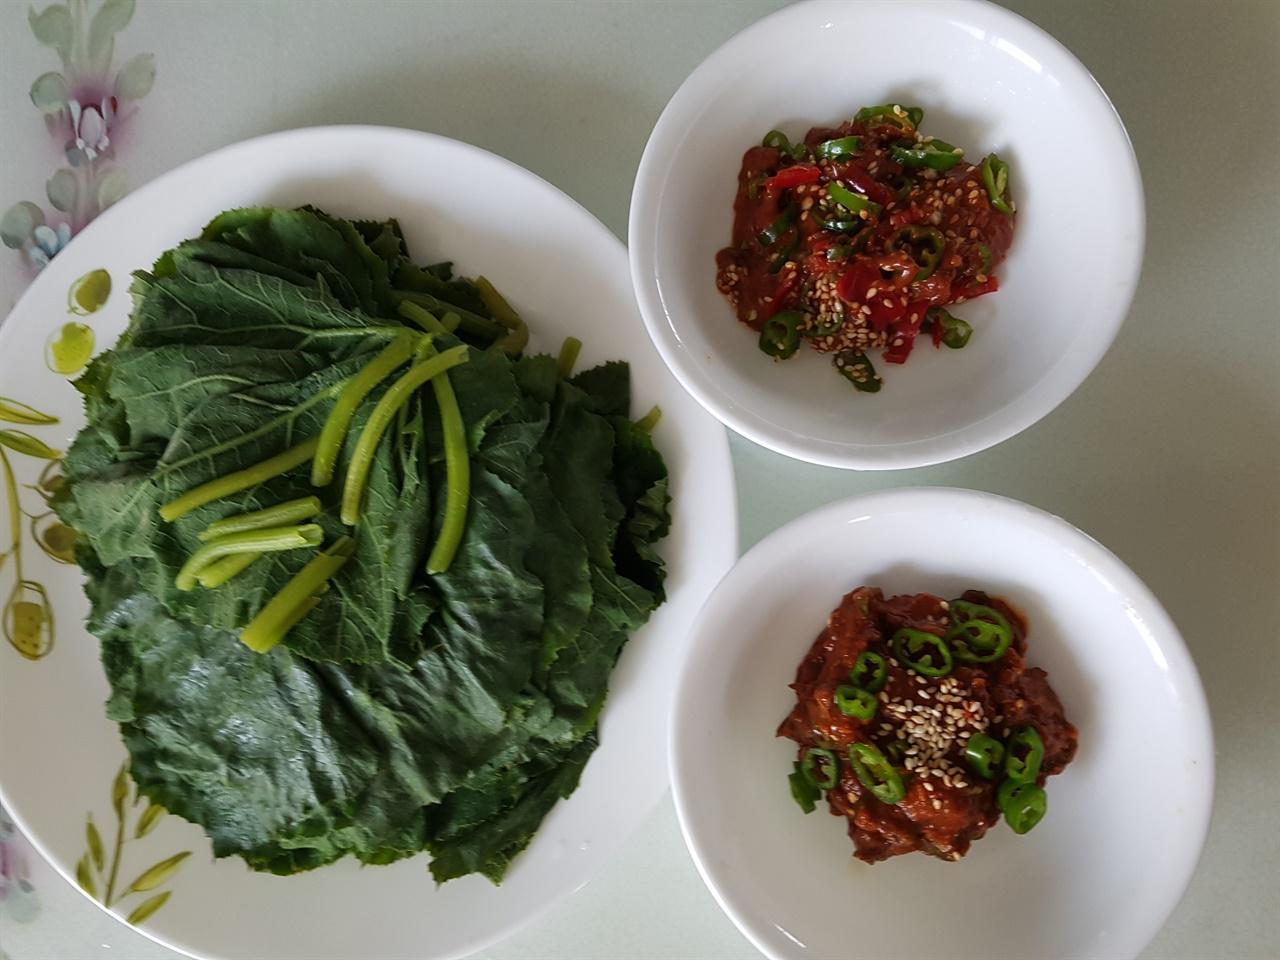 쪄놓은 호박잎  쌈된장, 쌈젓갈 호박잎은 쪄서 쌈된장, 쌈 젓갈